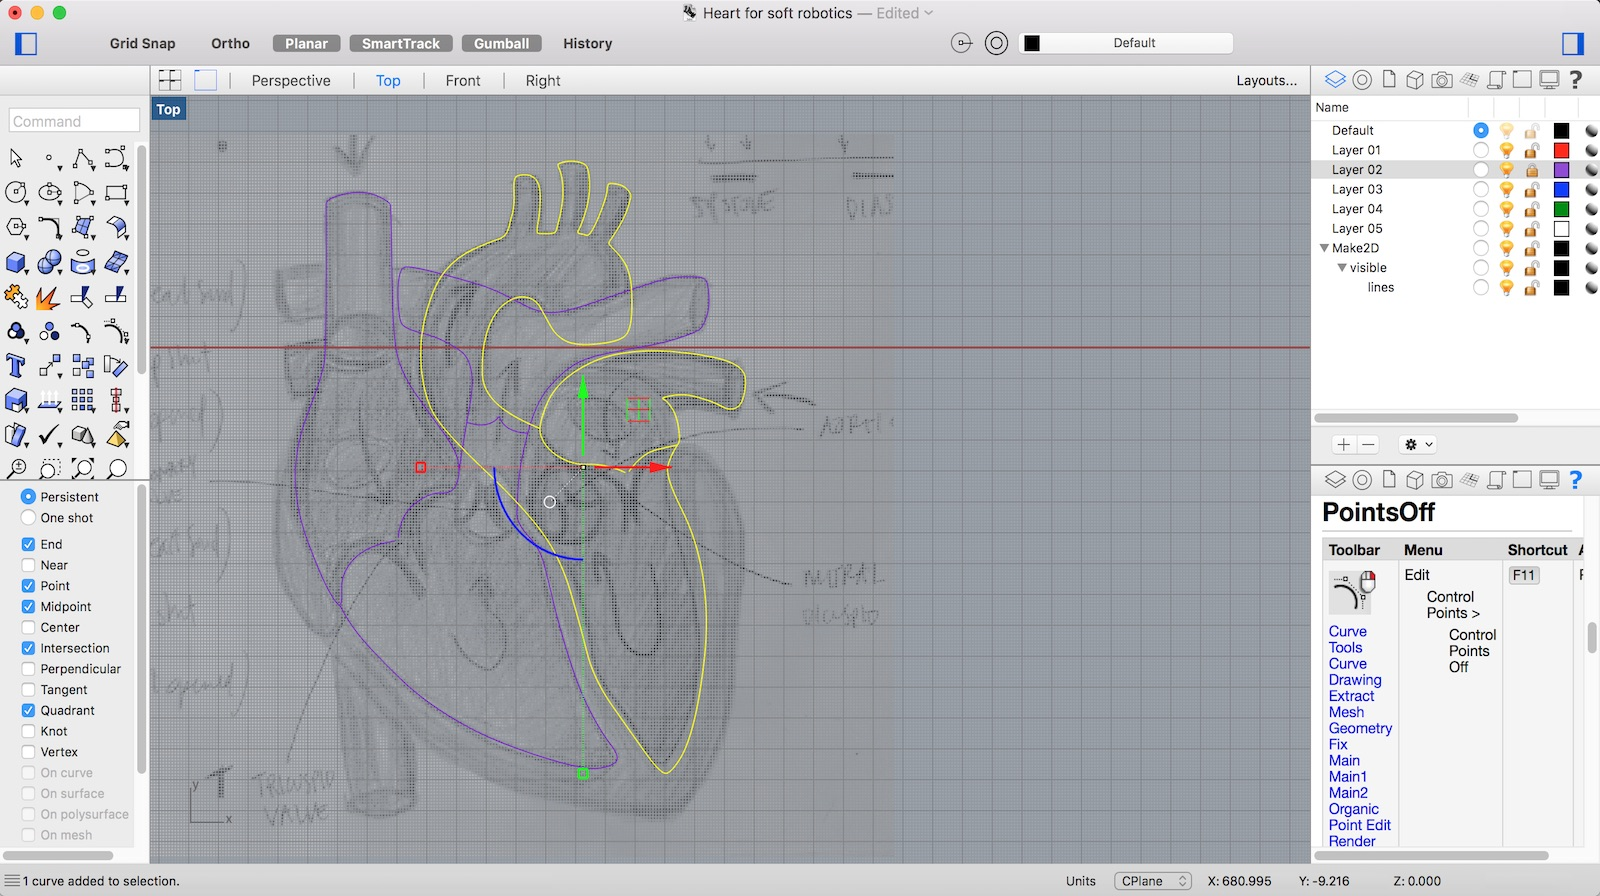 W11_Heart 3d model 2.jpg